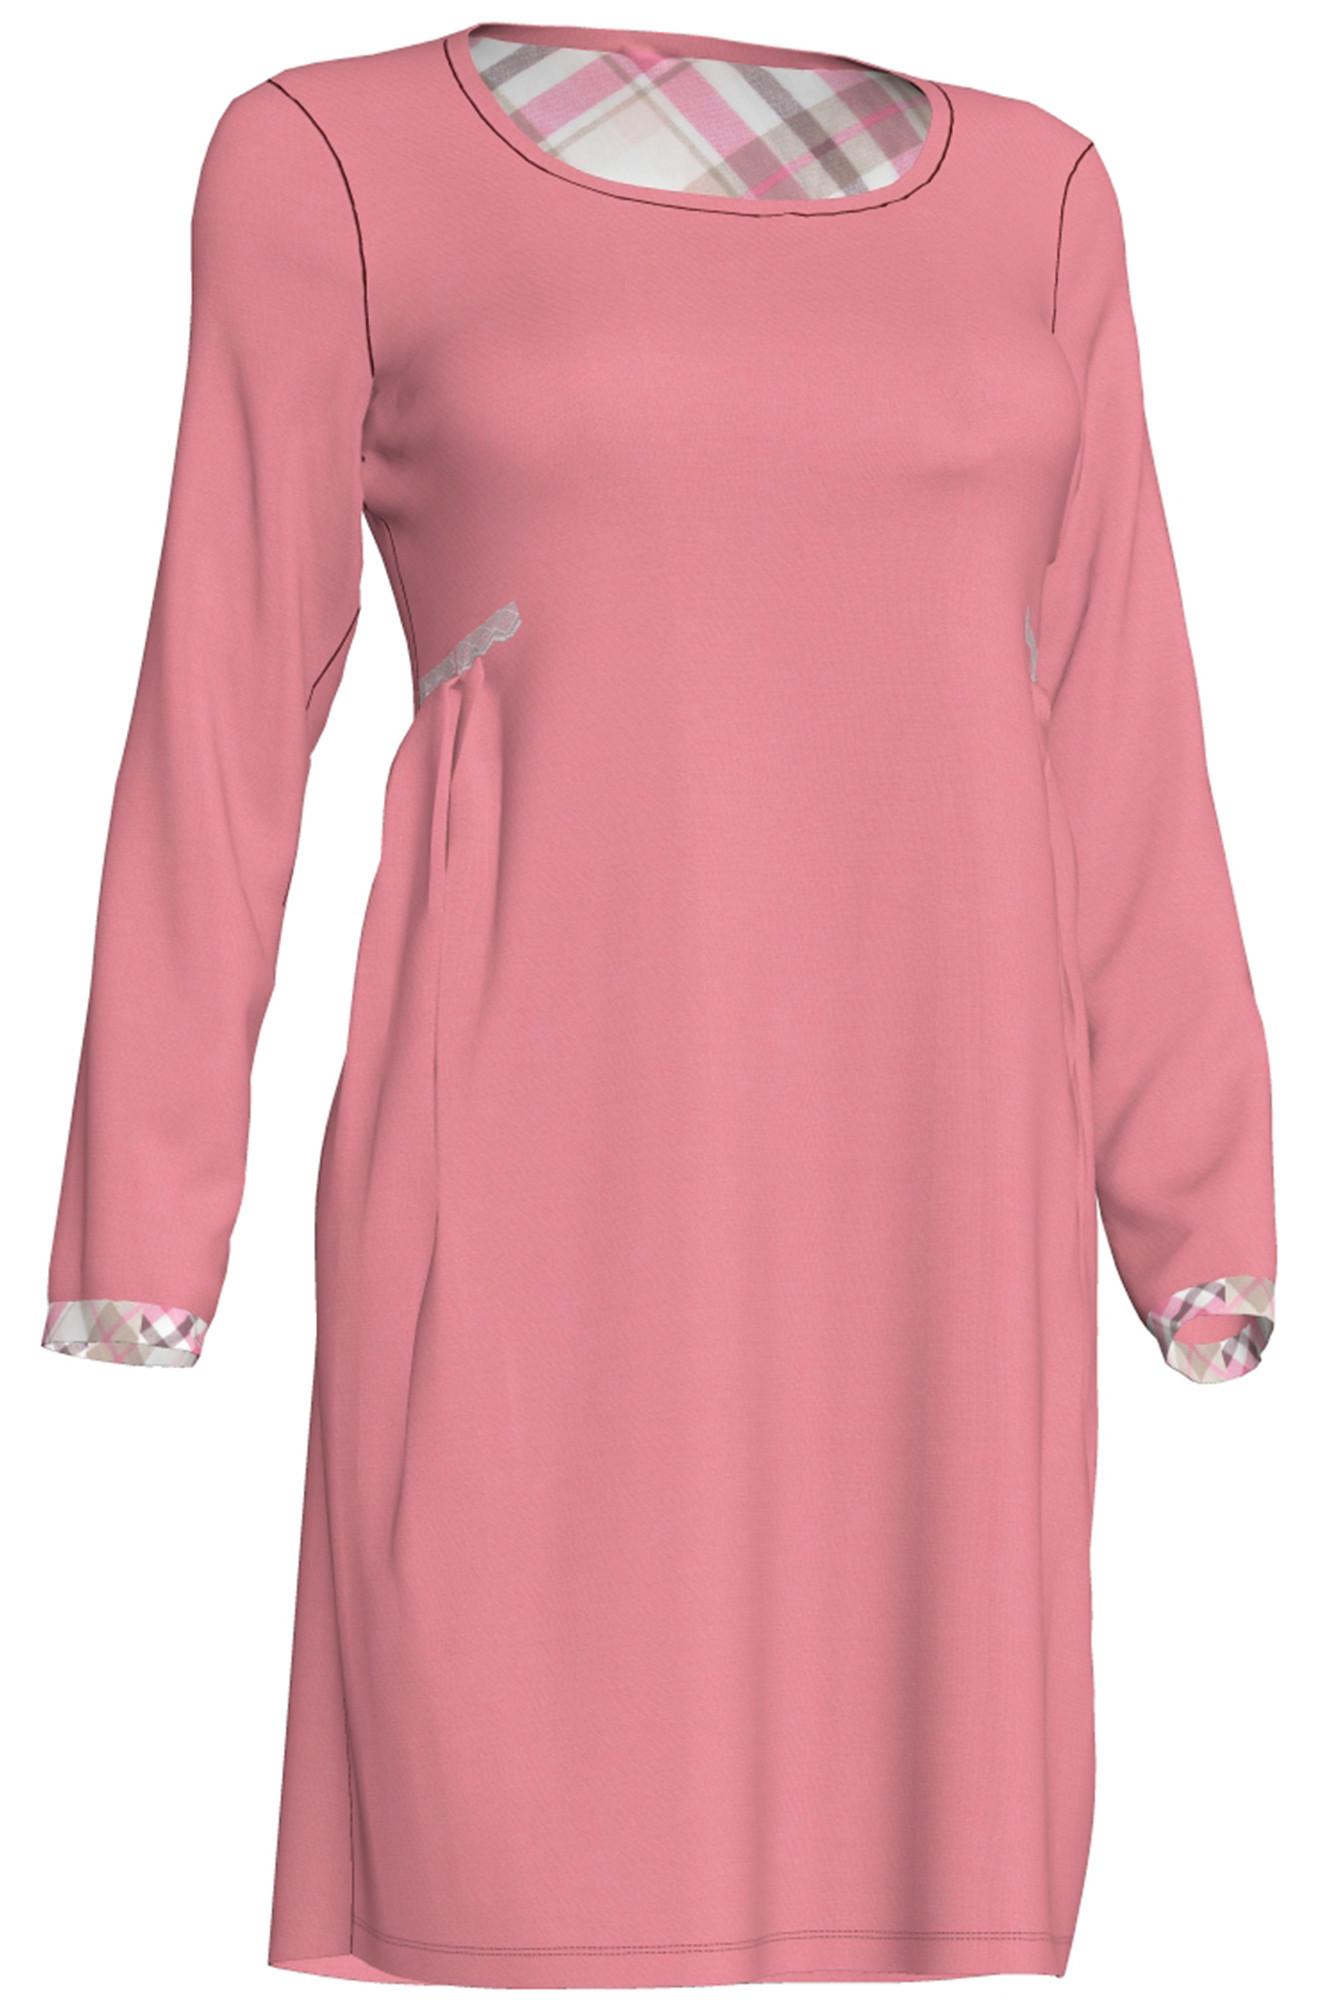 Dámská noční košile Viola 00-10-2657 - Vamp Barva: růžová, Velikost: S